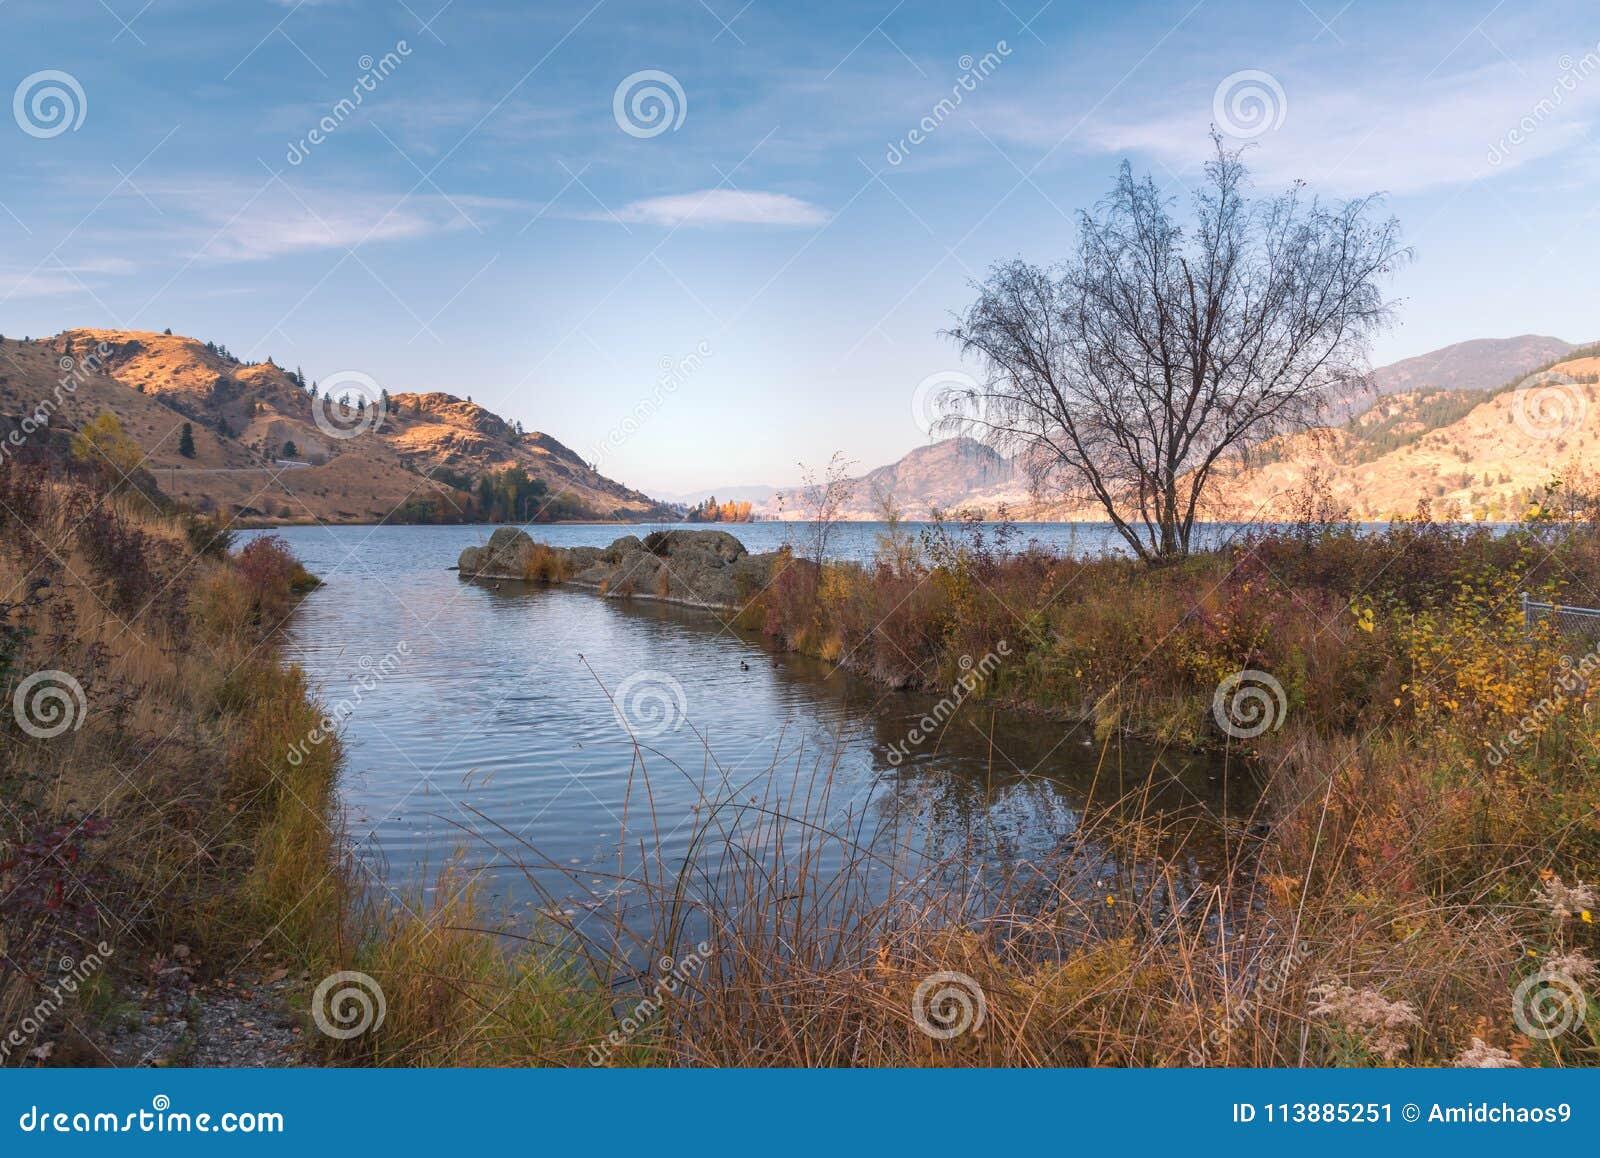 Cena do outono do lago e das montanhas com gramas e folhas do outono com luz morna do por do sol